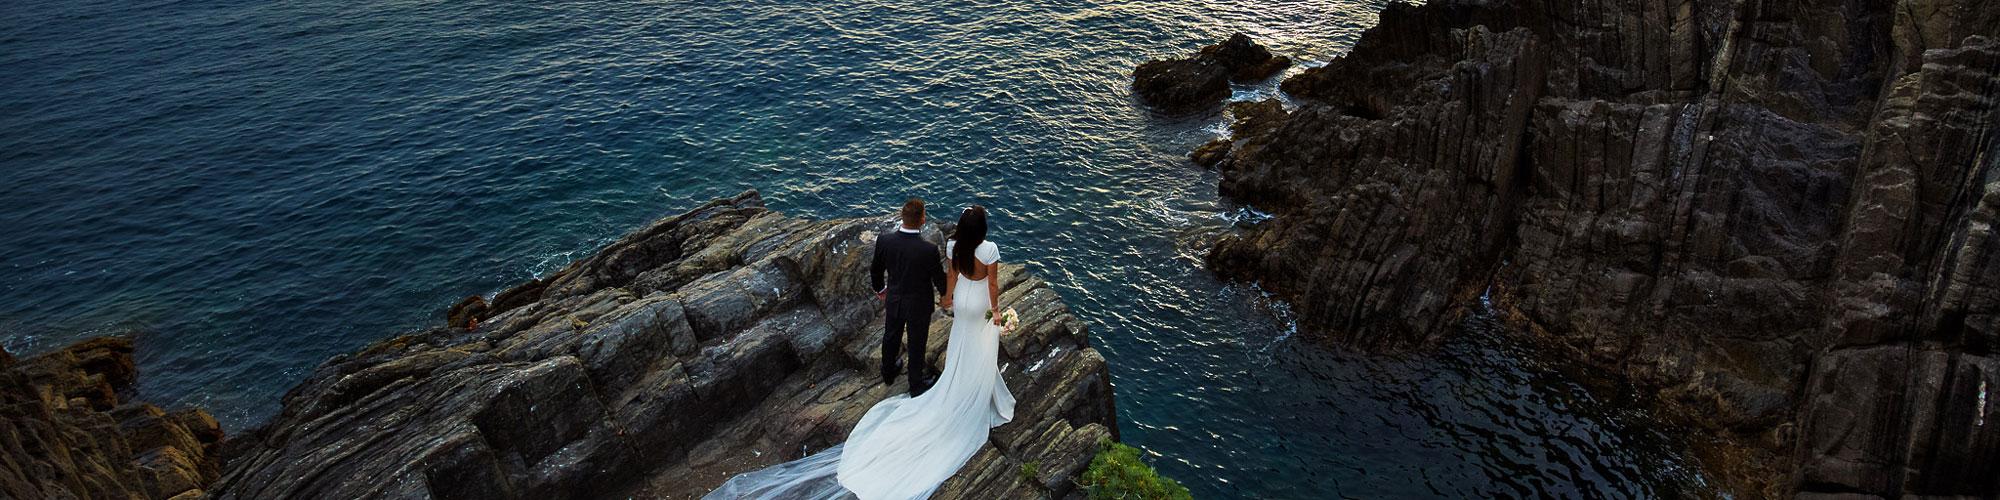 Ślub w Ligurii baner